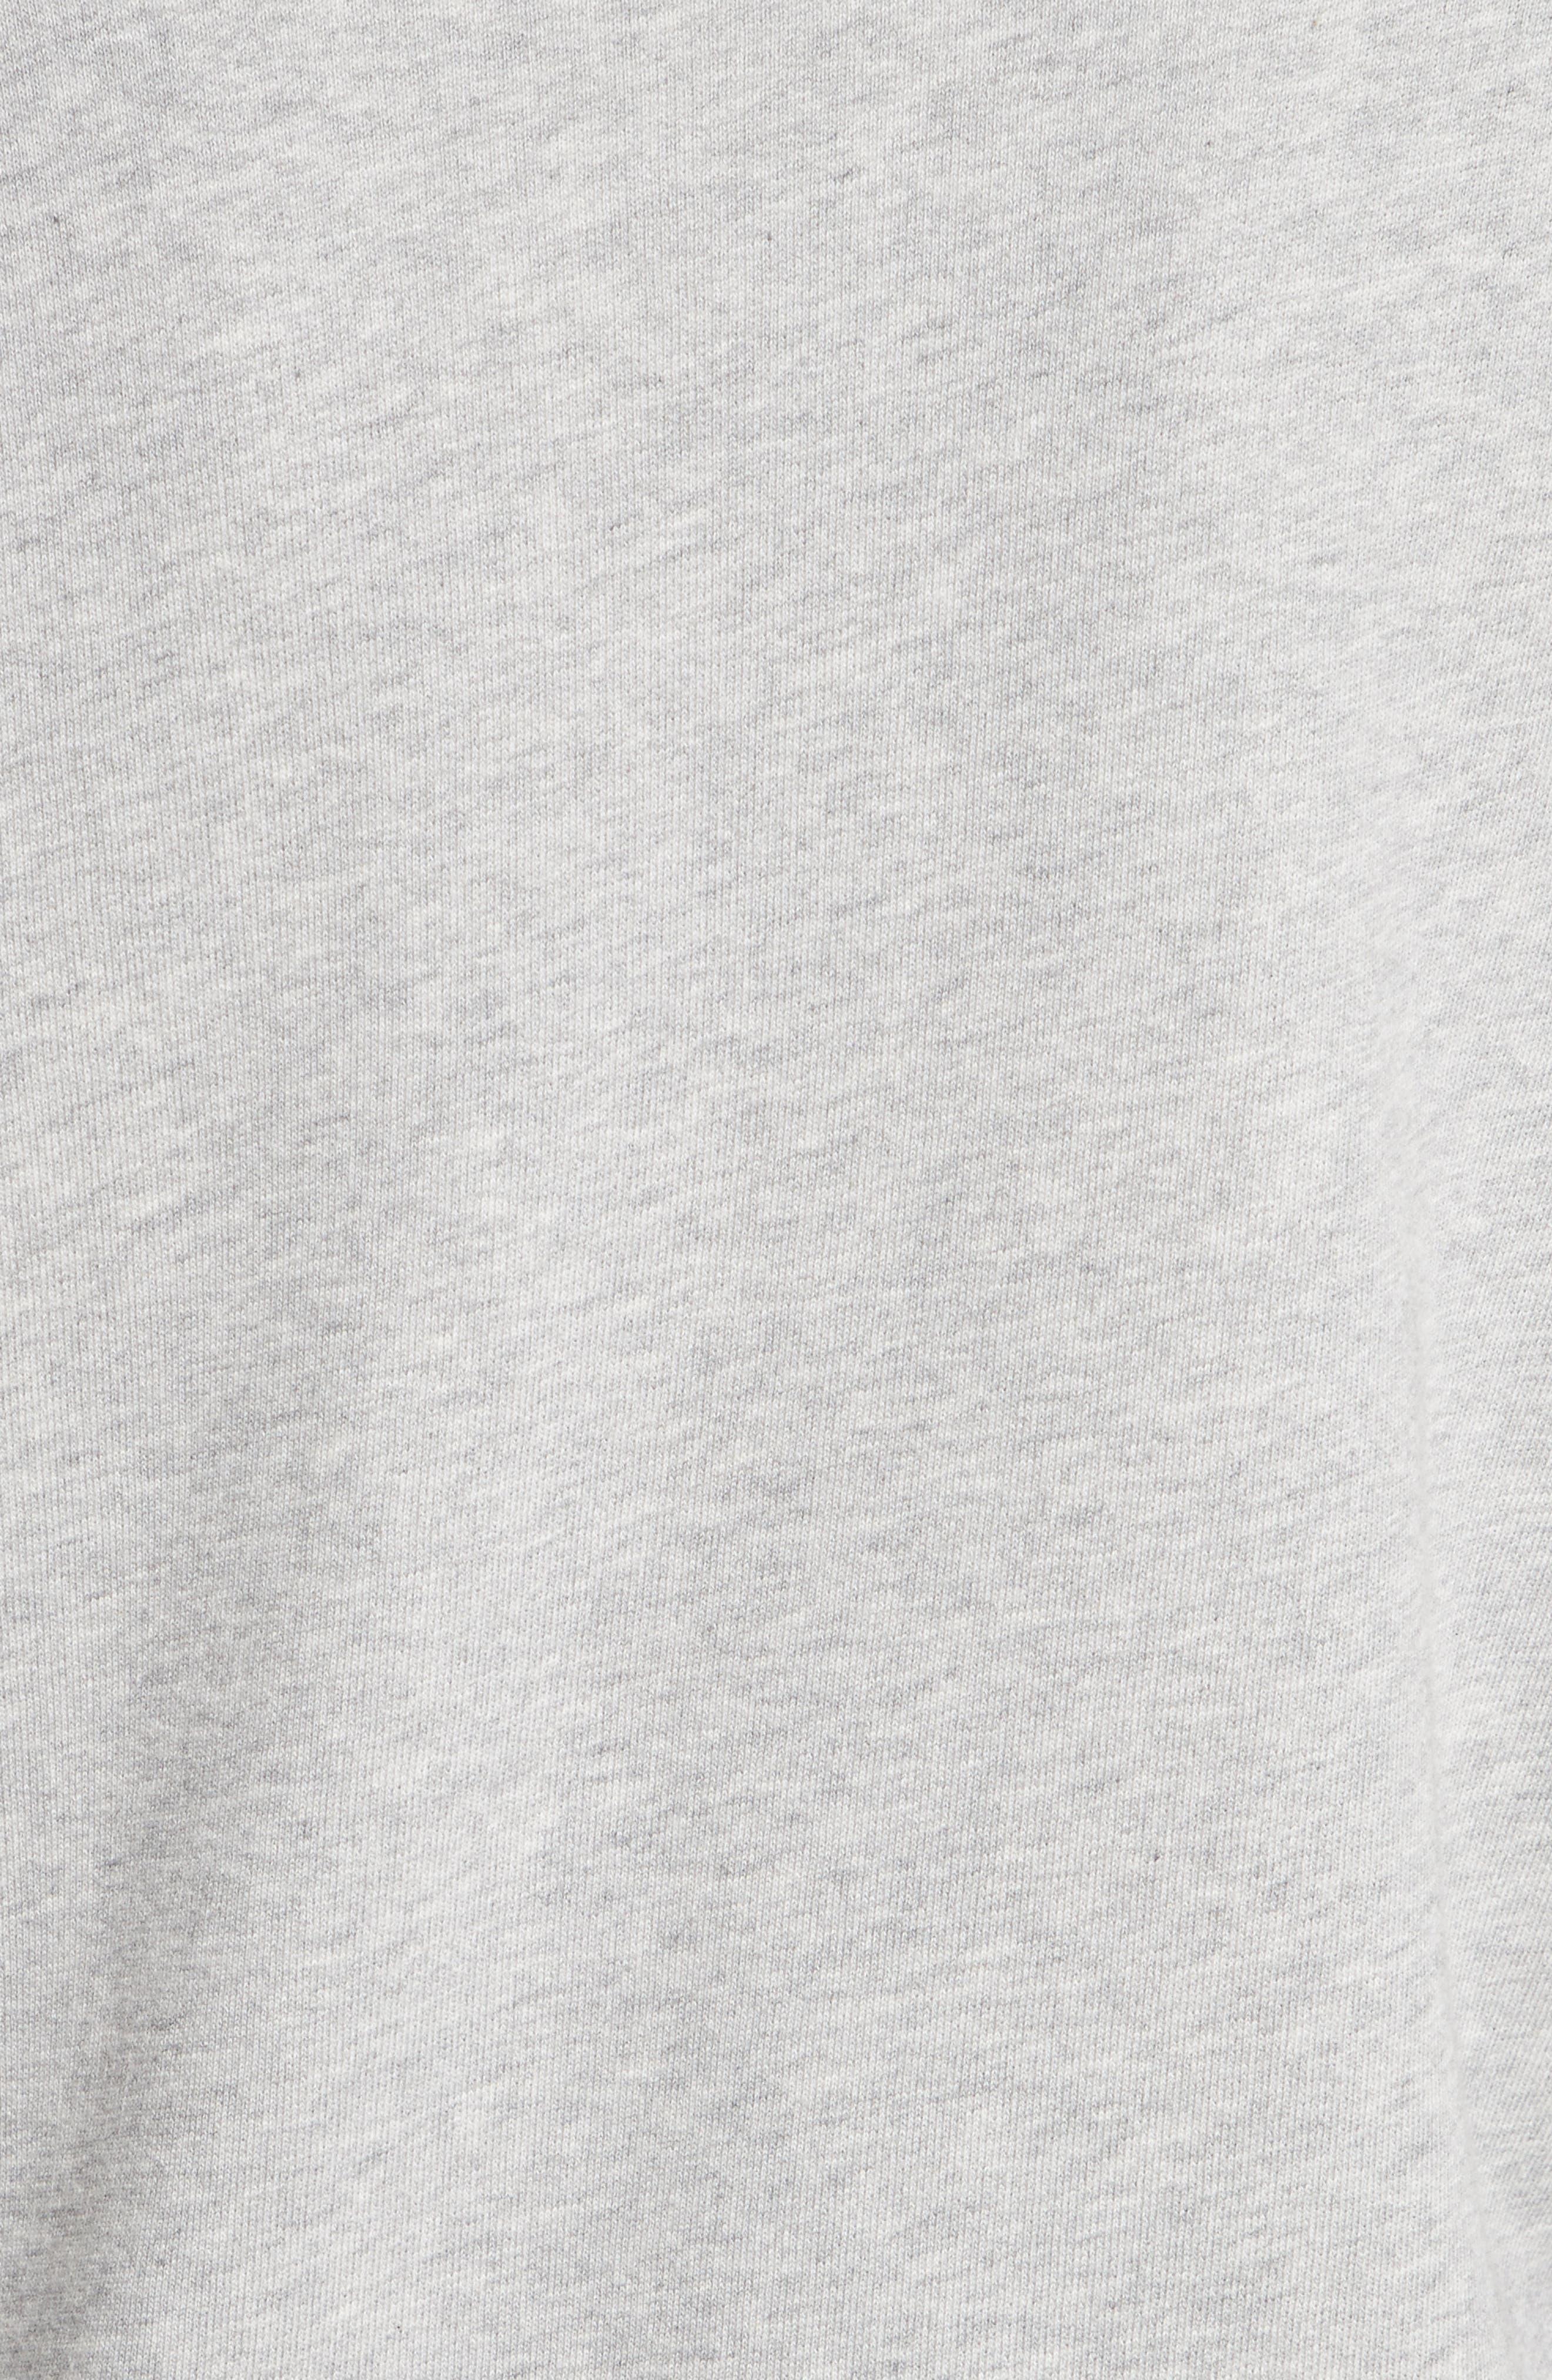 nouveau york sweatshirt,                             Alternate thumbnail 5, color,                             098